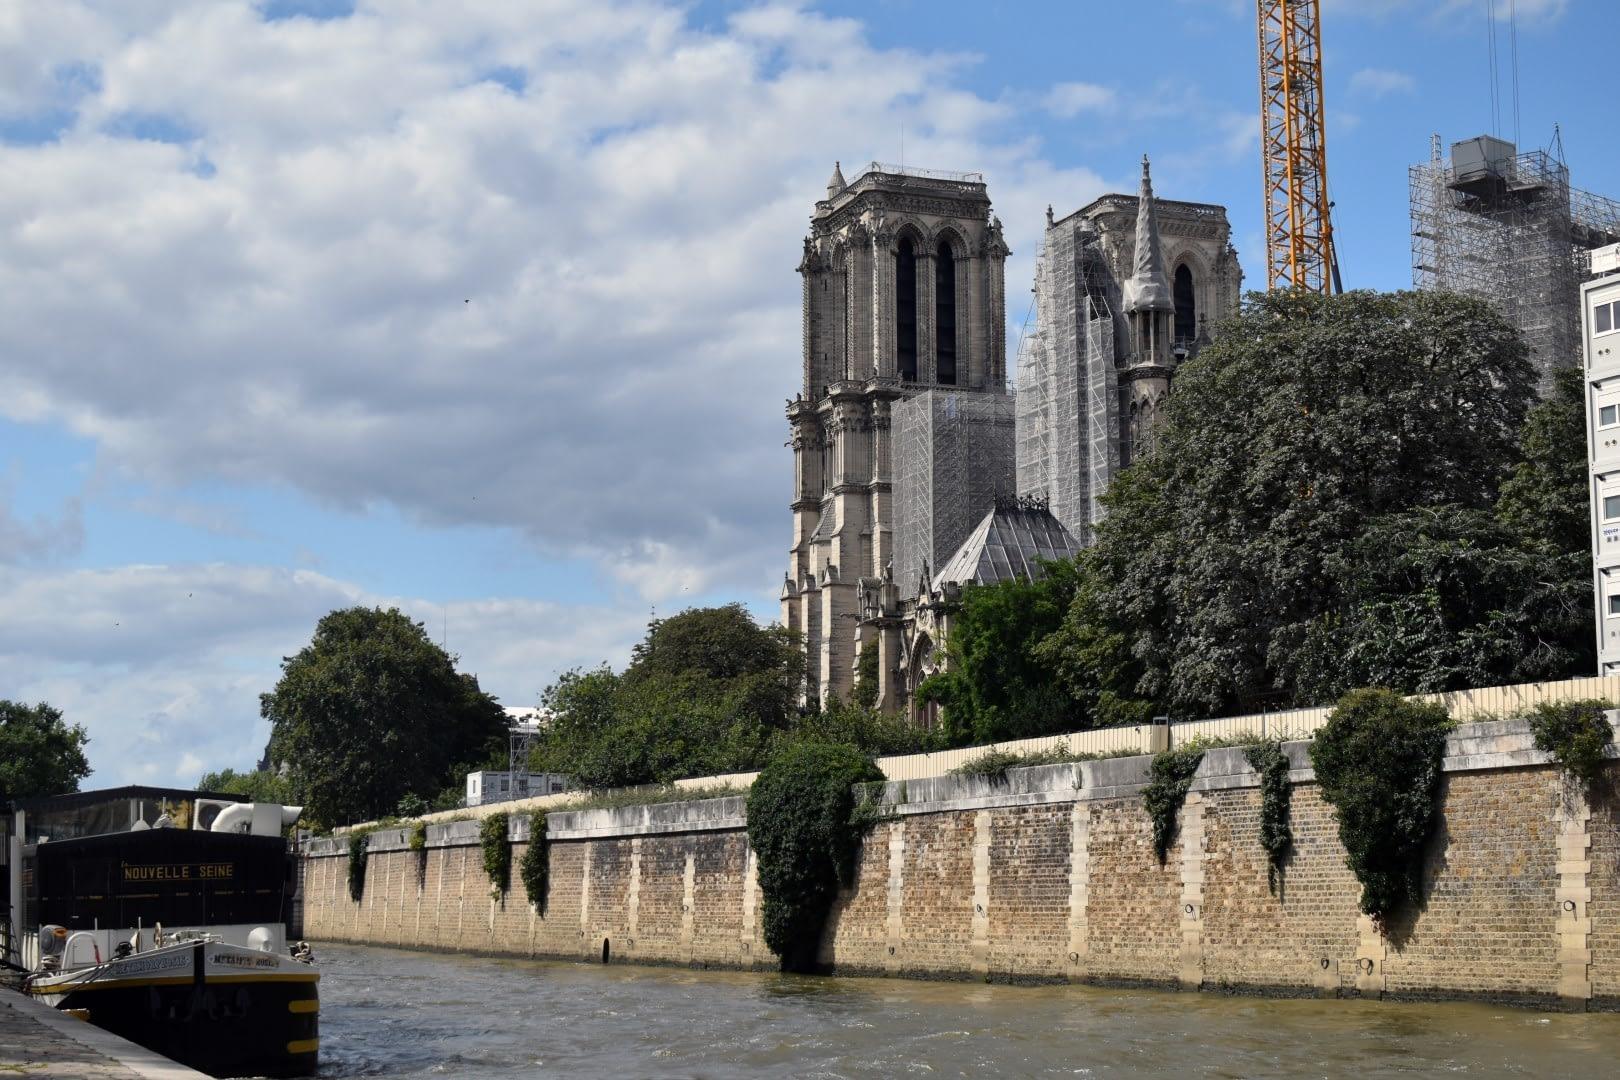 Quai de la Tournelle, Paris